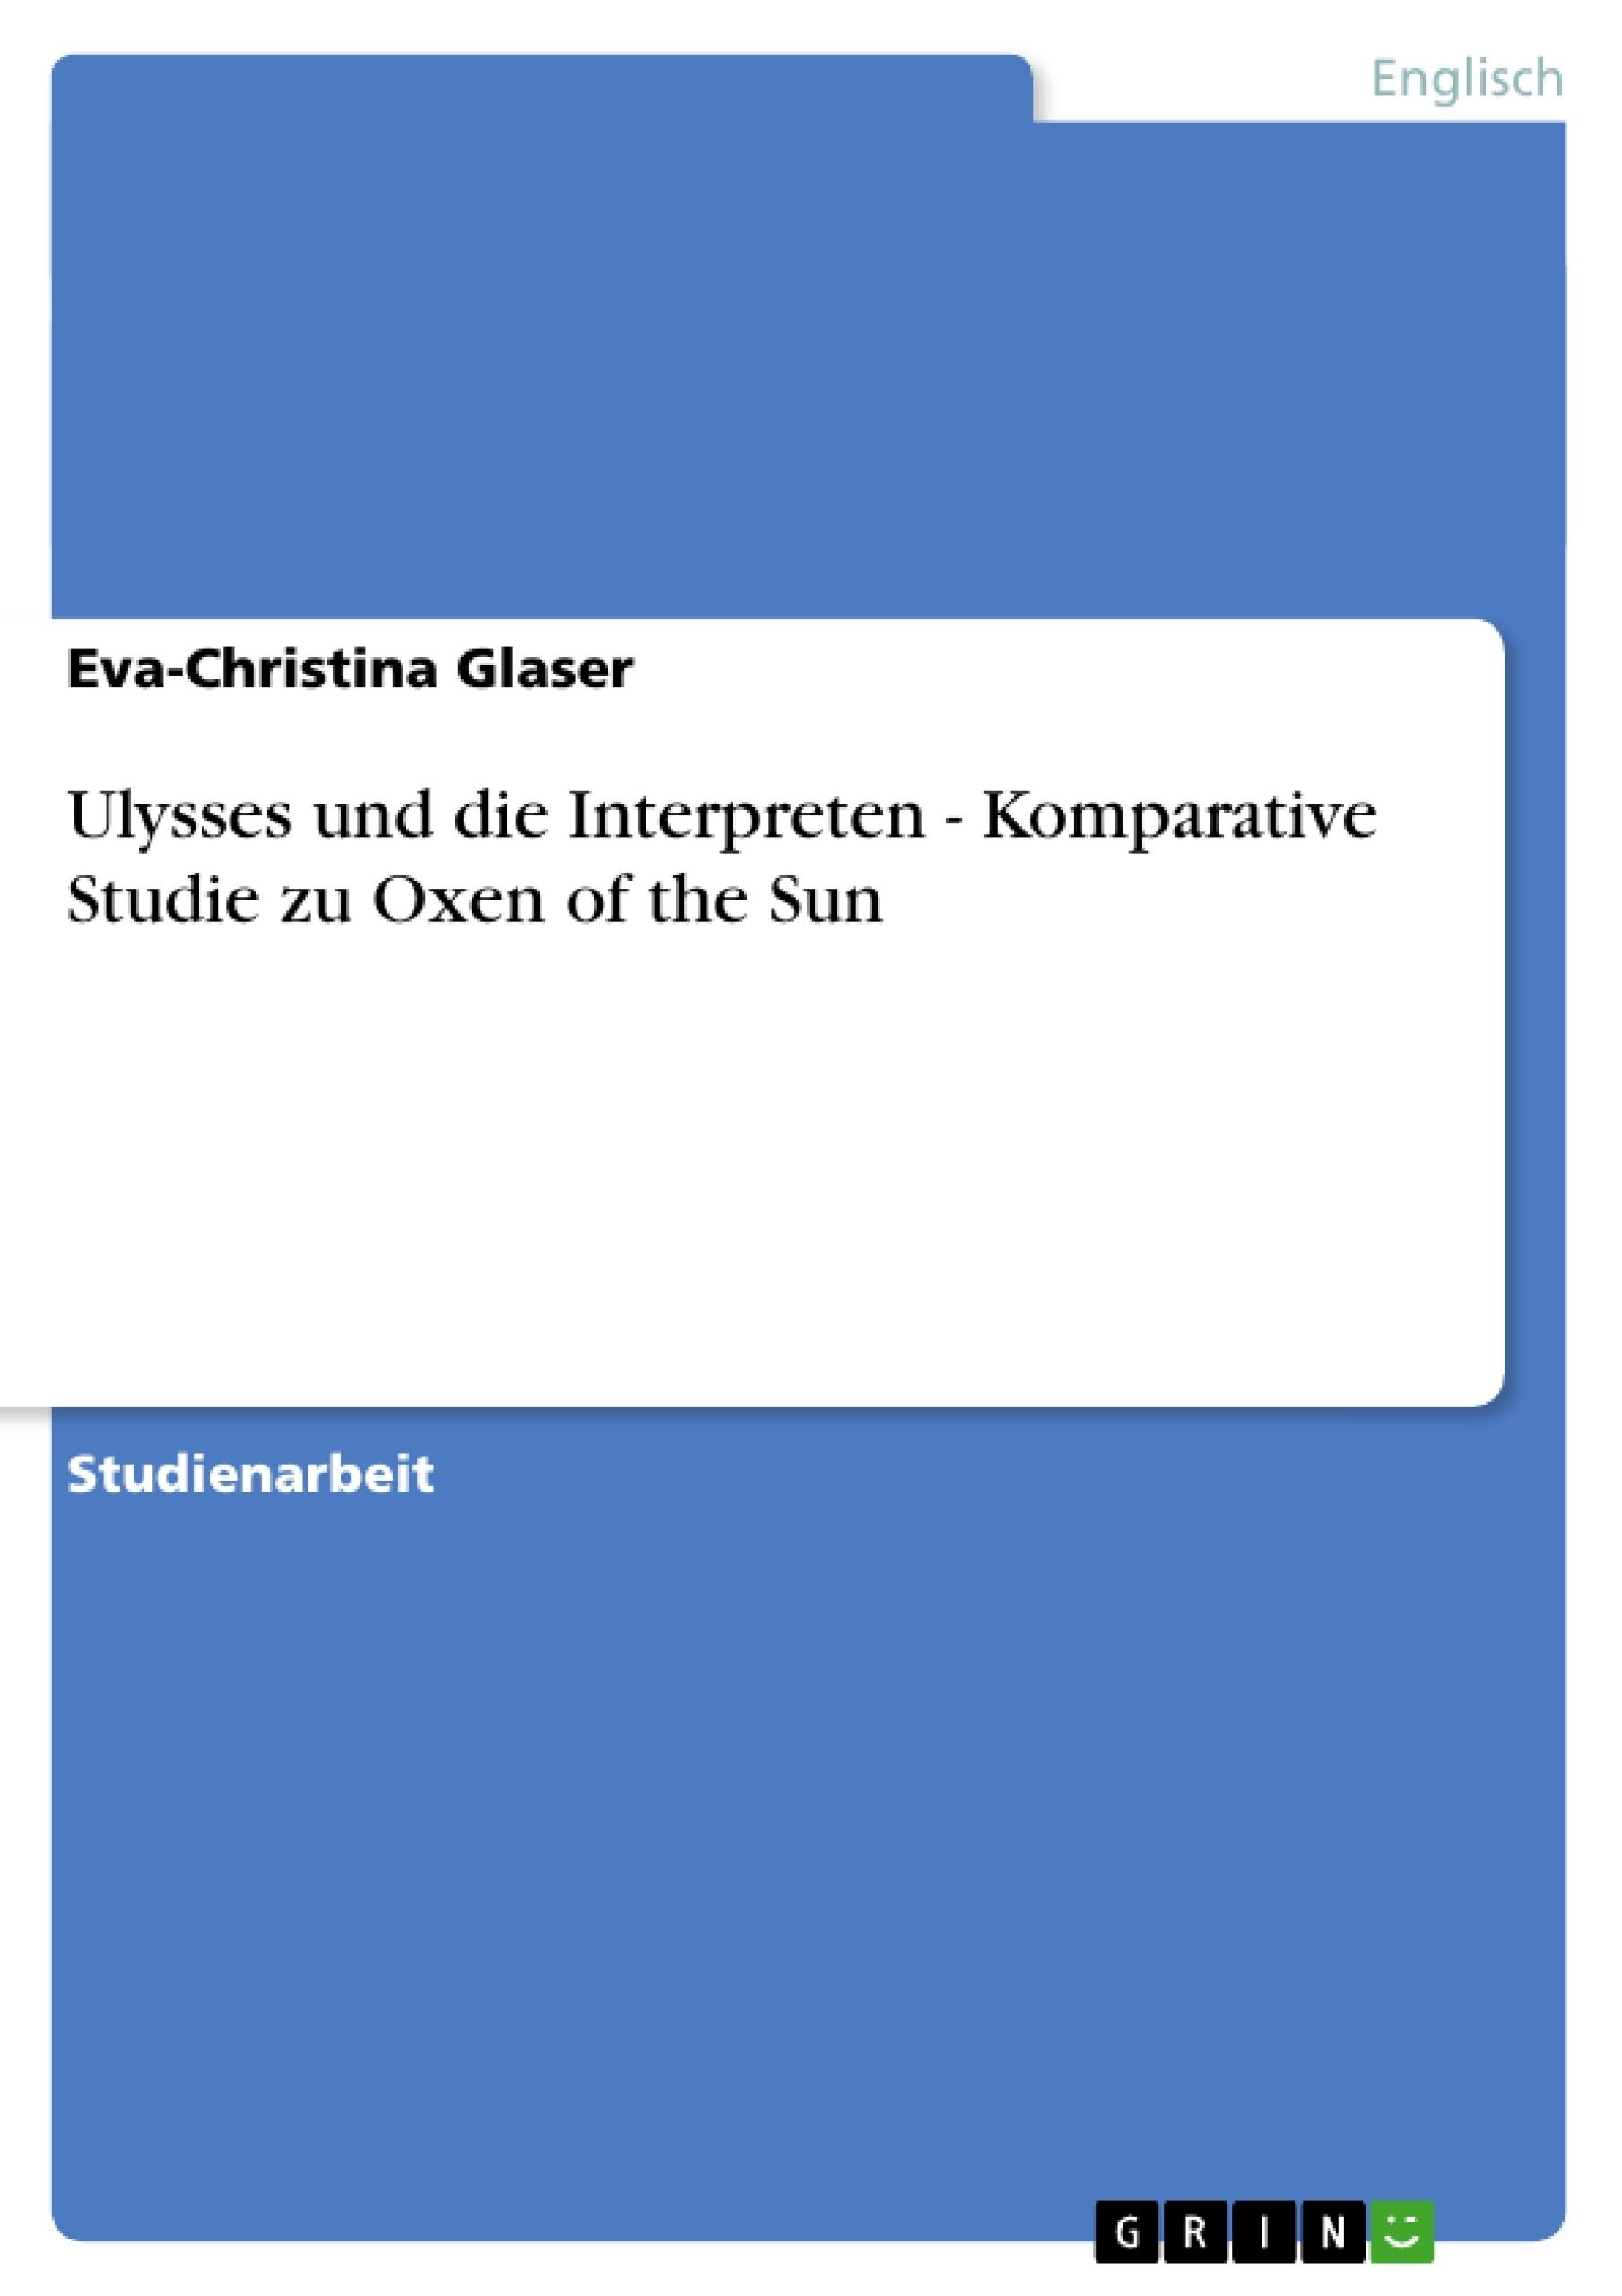 Titel: Ulysses und die Interpreten - Komparative Studie zu Oxen of the Sun